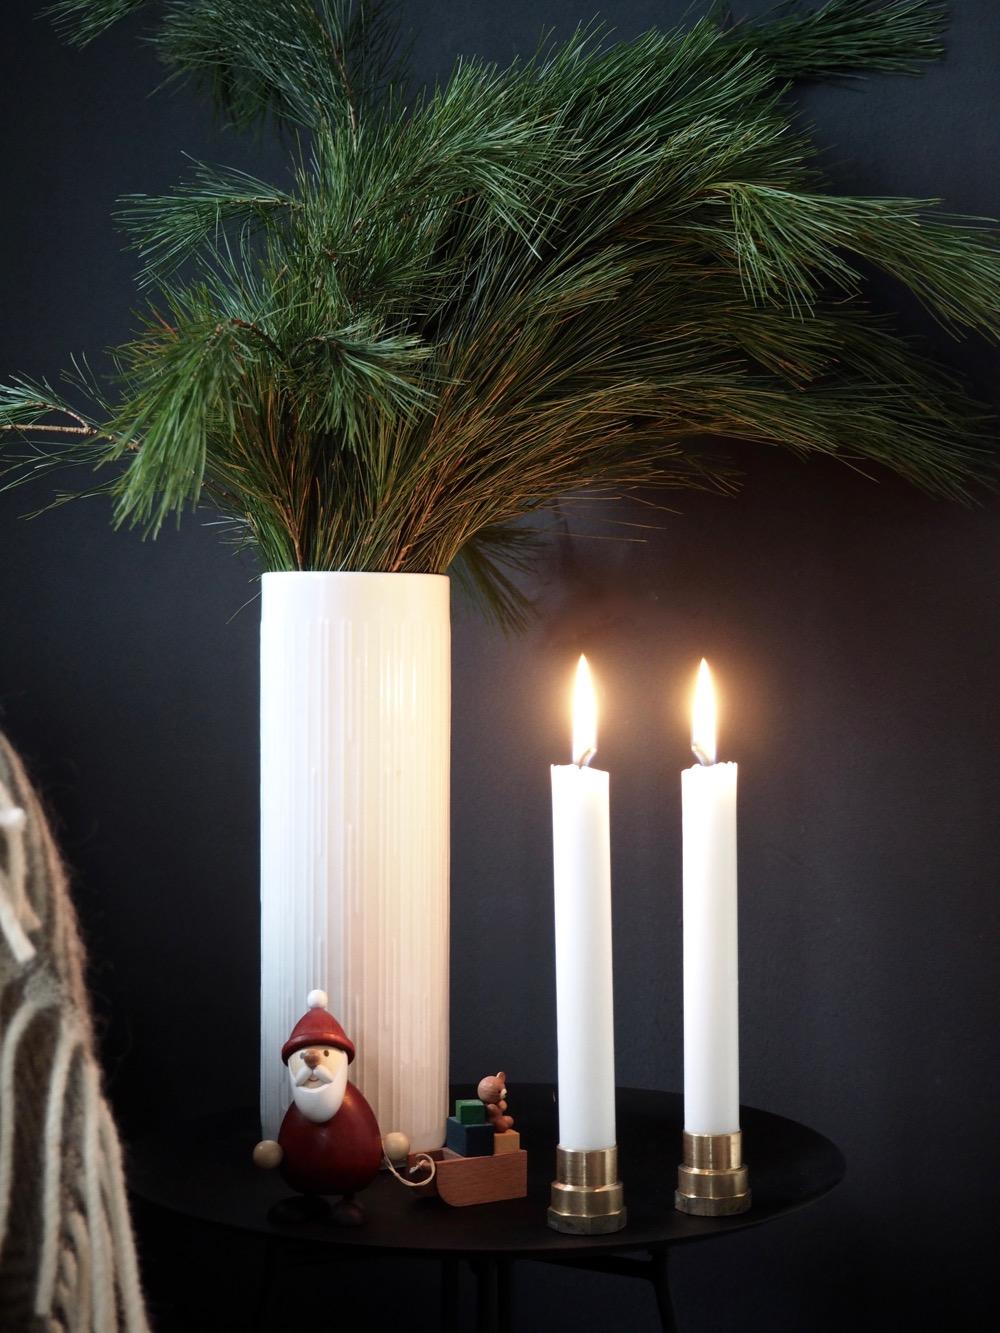 das gewinnspiel zum 3 advent gewinne eine urbanara decke craftifair. Black Bedroom Furniture Sets. Home Design Ideas